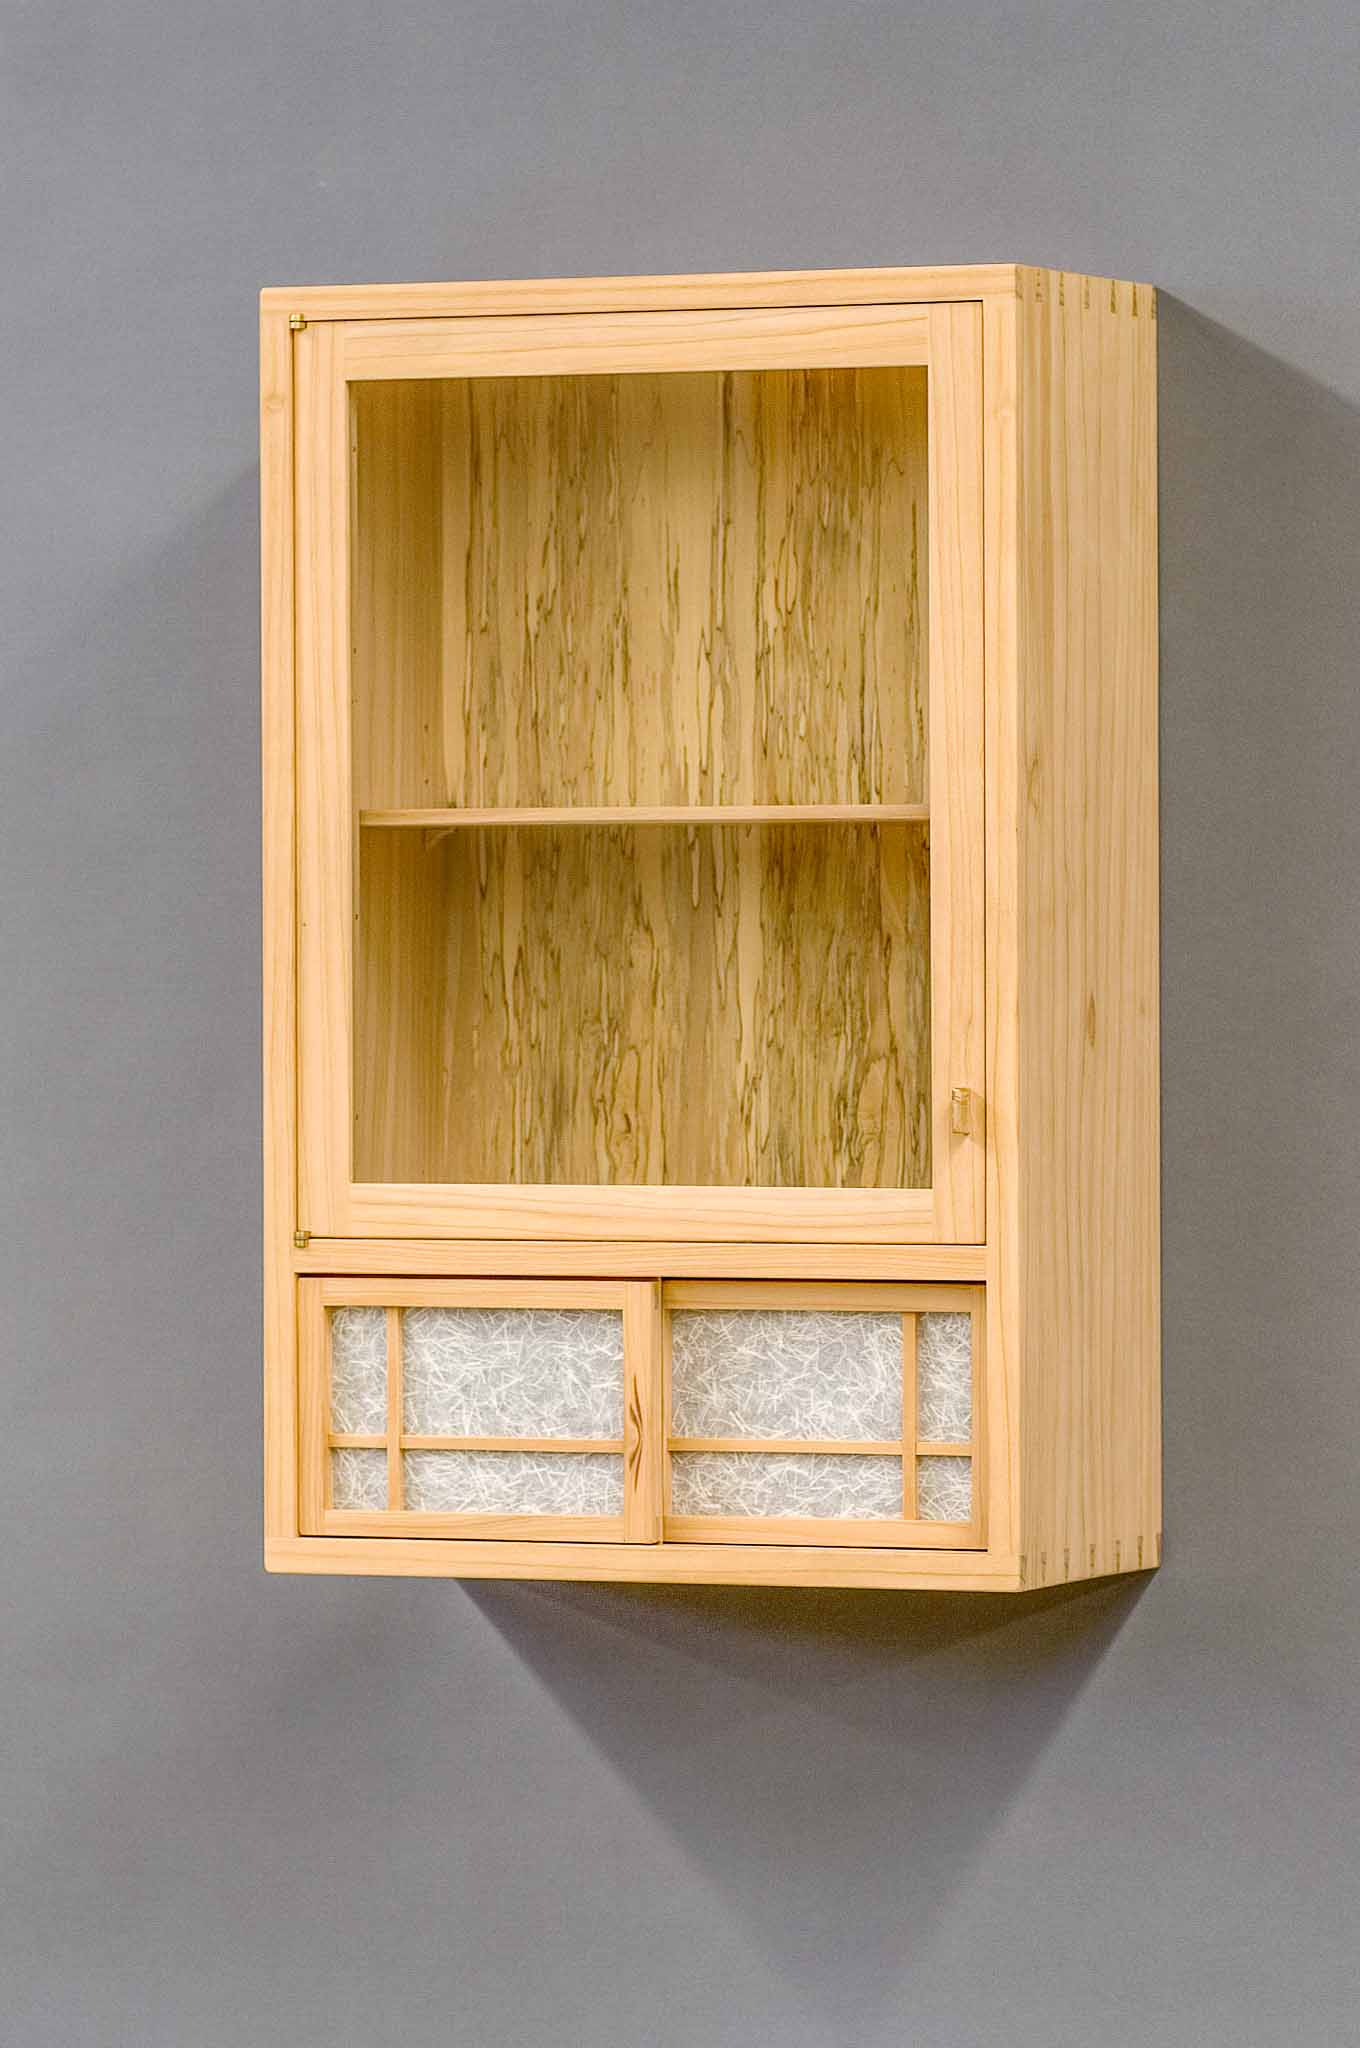 moffatt wall cabinet